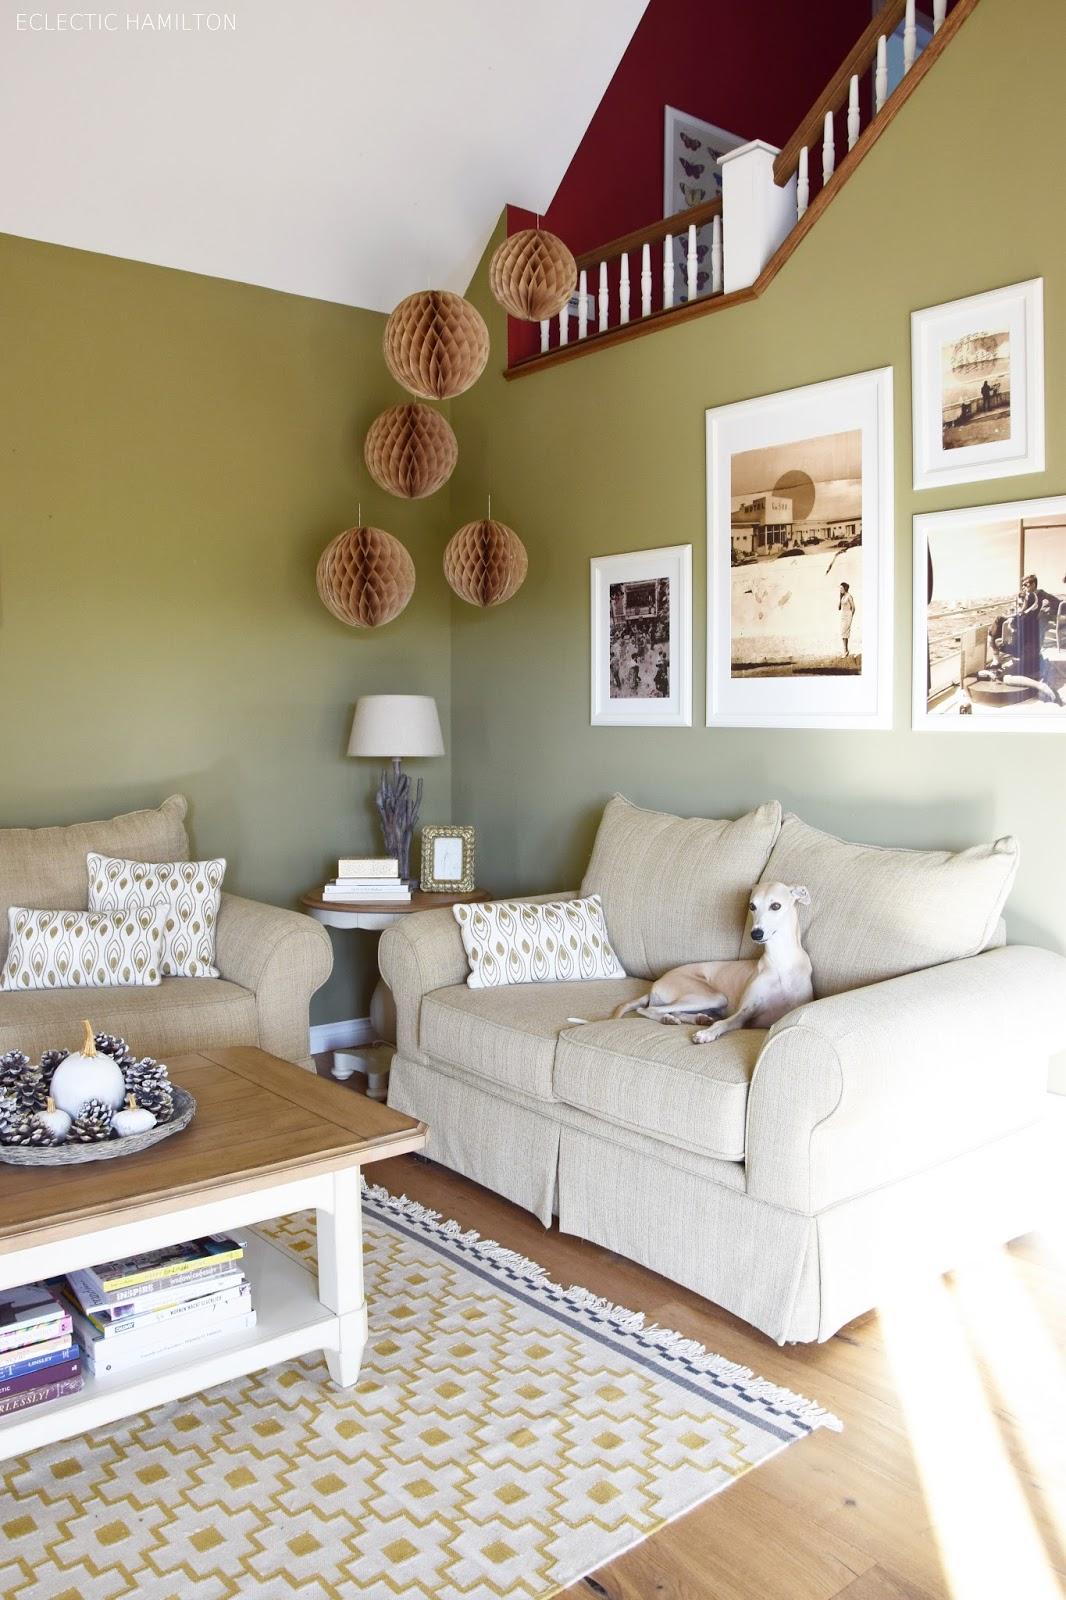 Neue Deko fürs Wohnzimmer | ECLECTIC HAMILTON